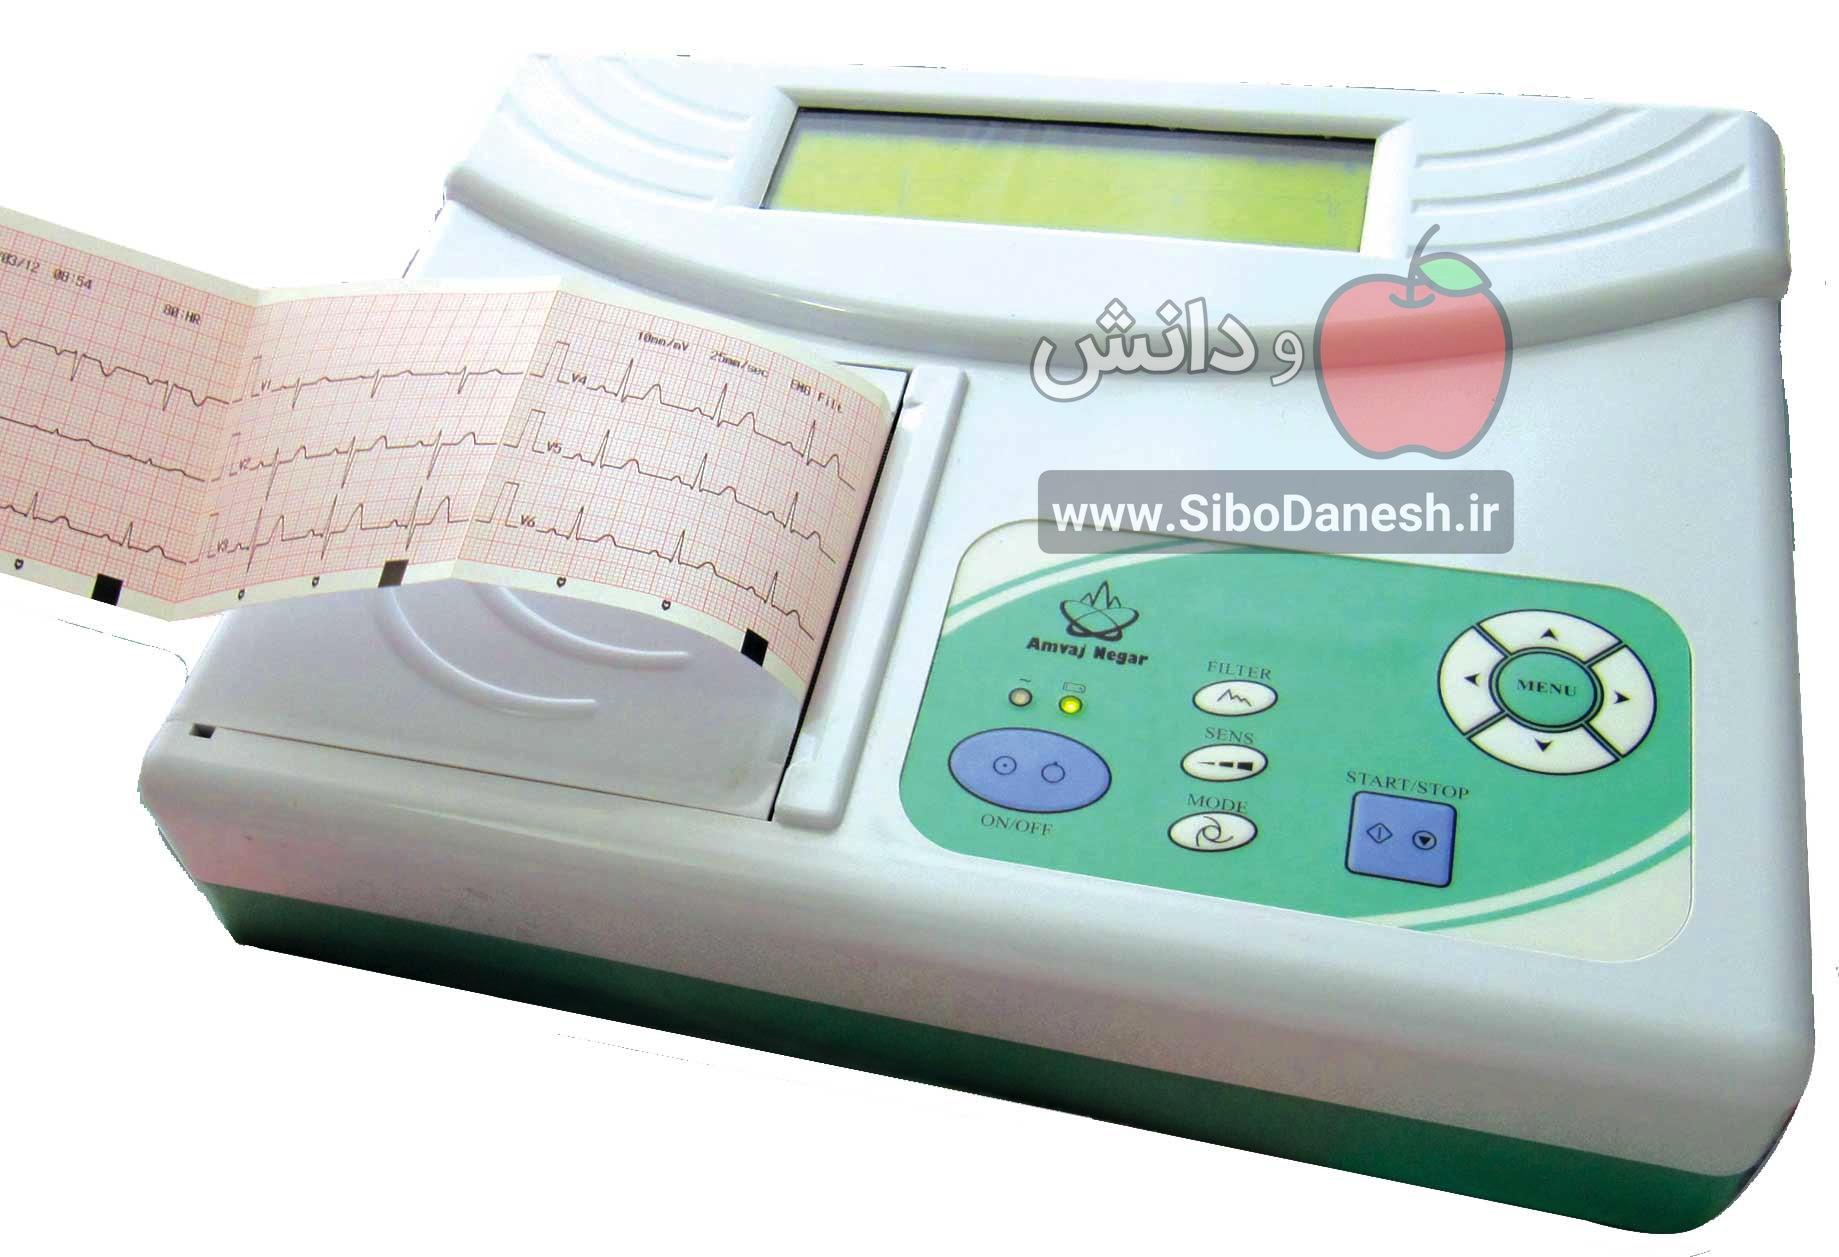 گزارش کار تفسیر نوار قلب و رسم محور قلب در الکتروکاردیو گرافی